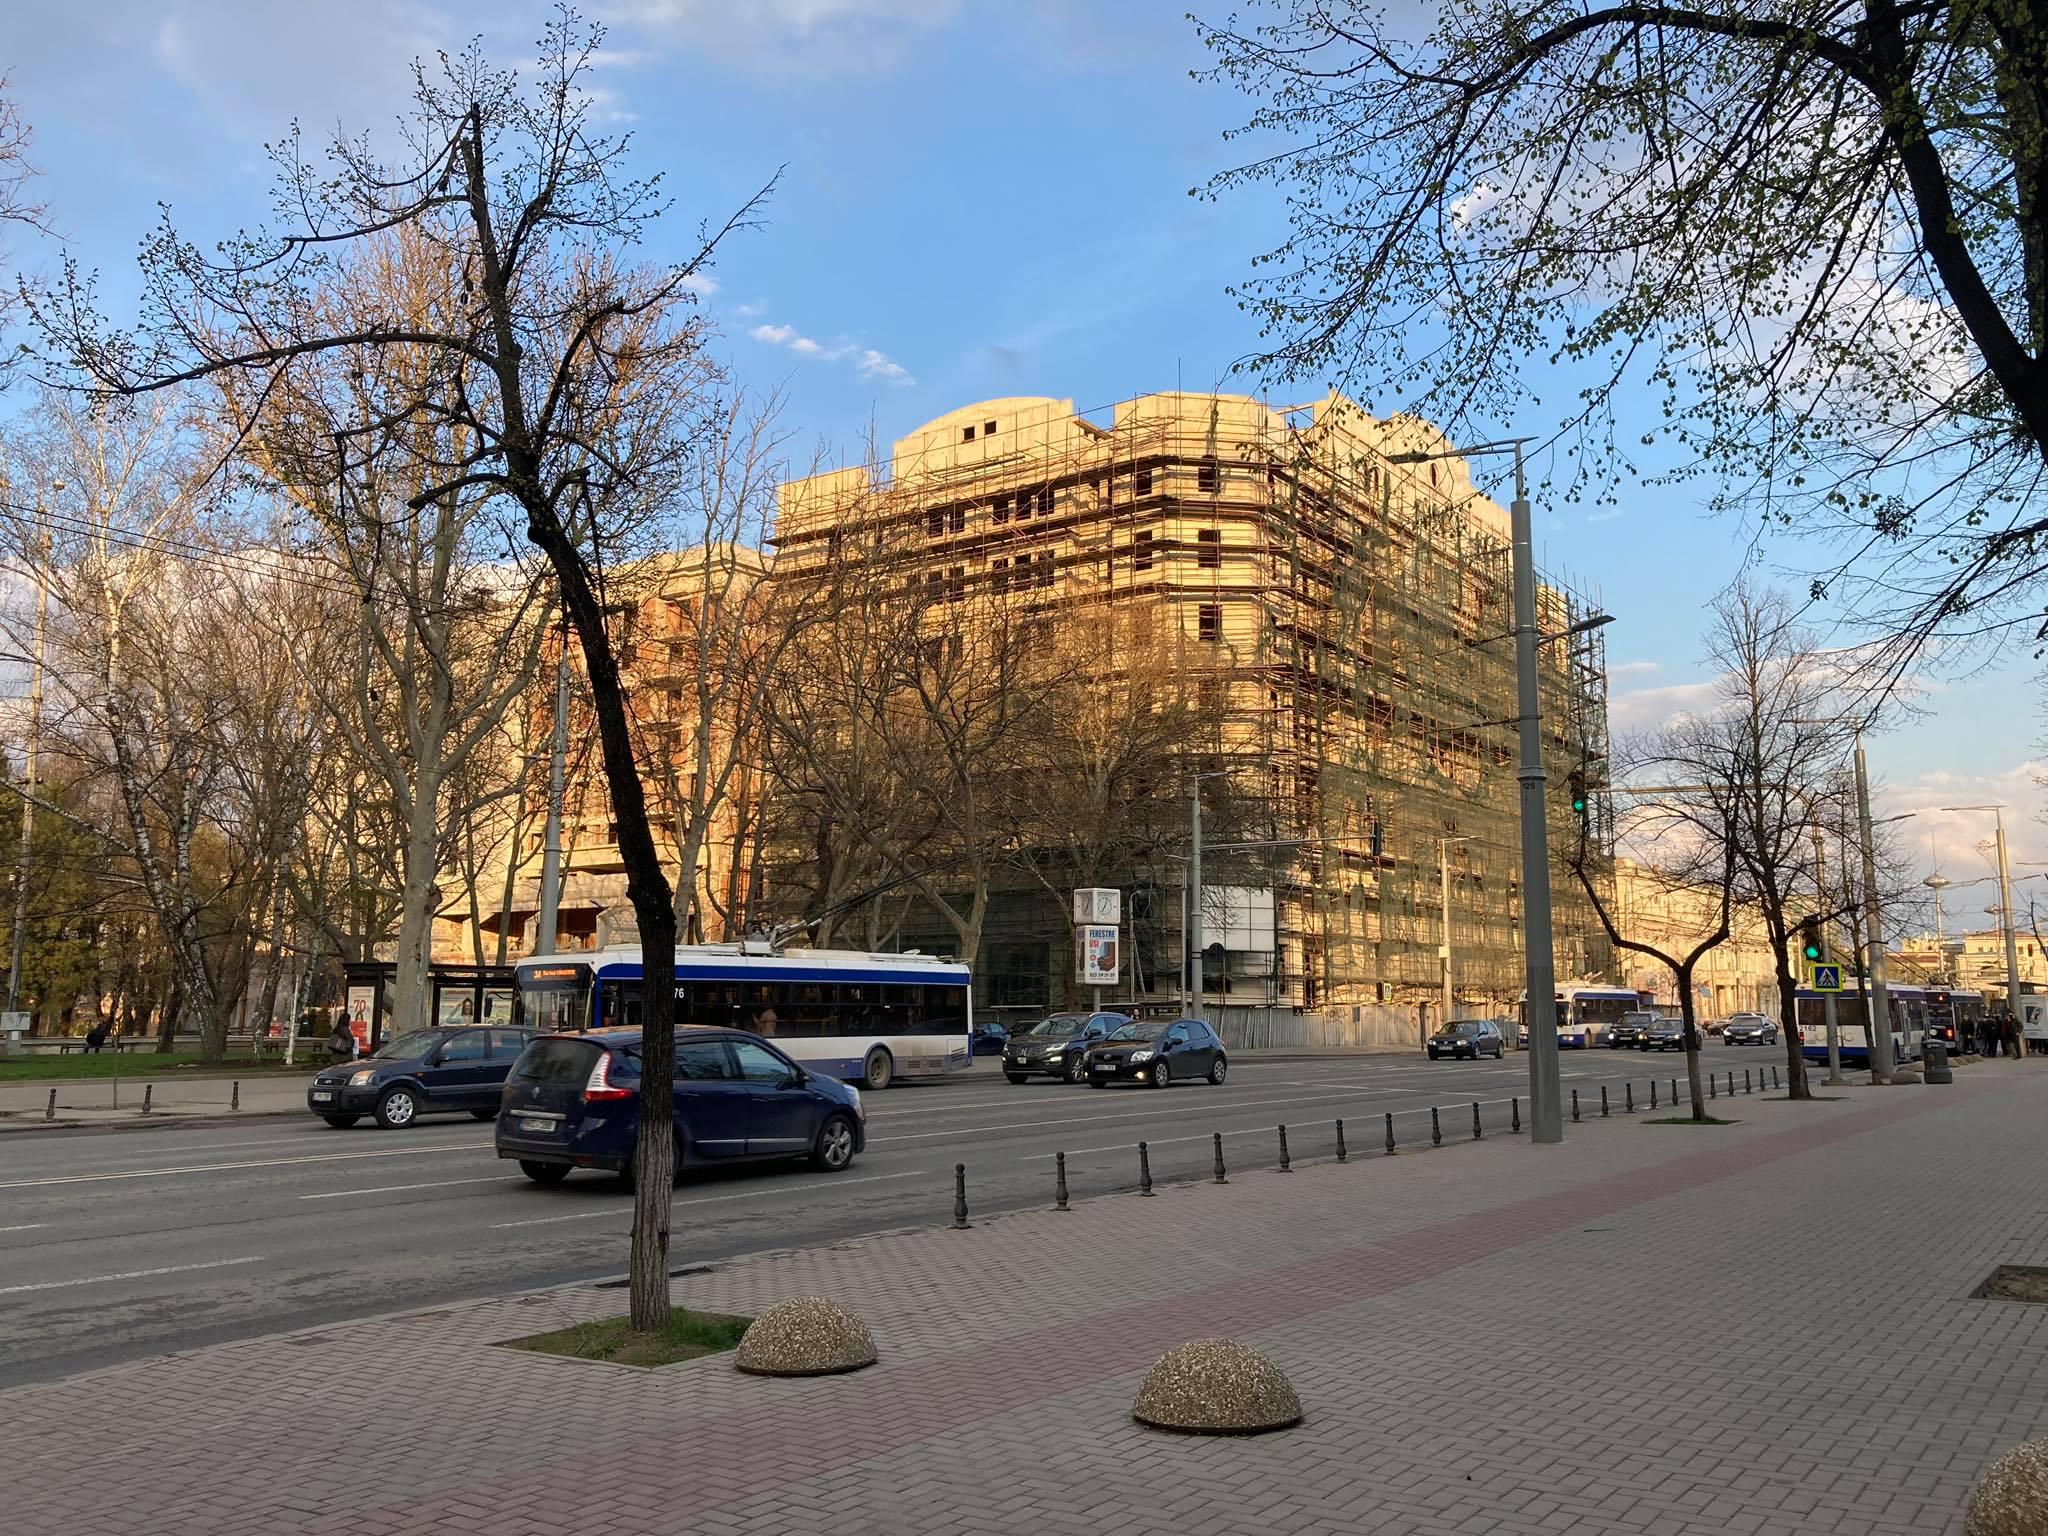 Clădire neîngrijită, vizavi de monumentul lui Ștefan cel Mare, care blochează intrarea pe str-la Teatrului. Aprilie, 2021.